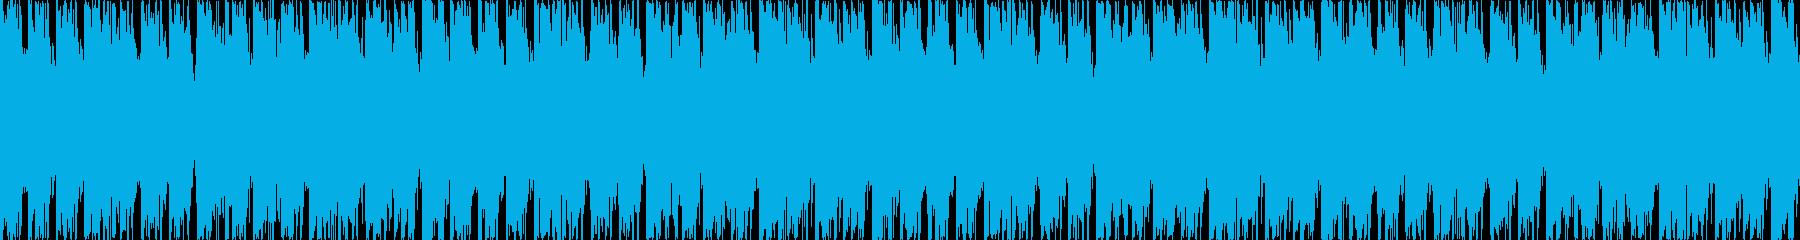 幻想的で重く激しいロック。生演奏・ループの再生済みの波形